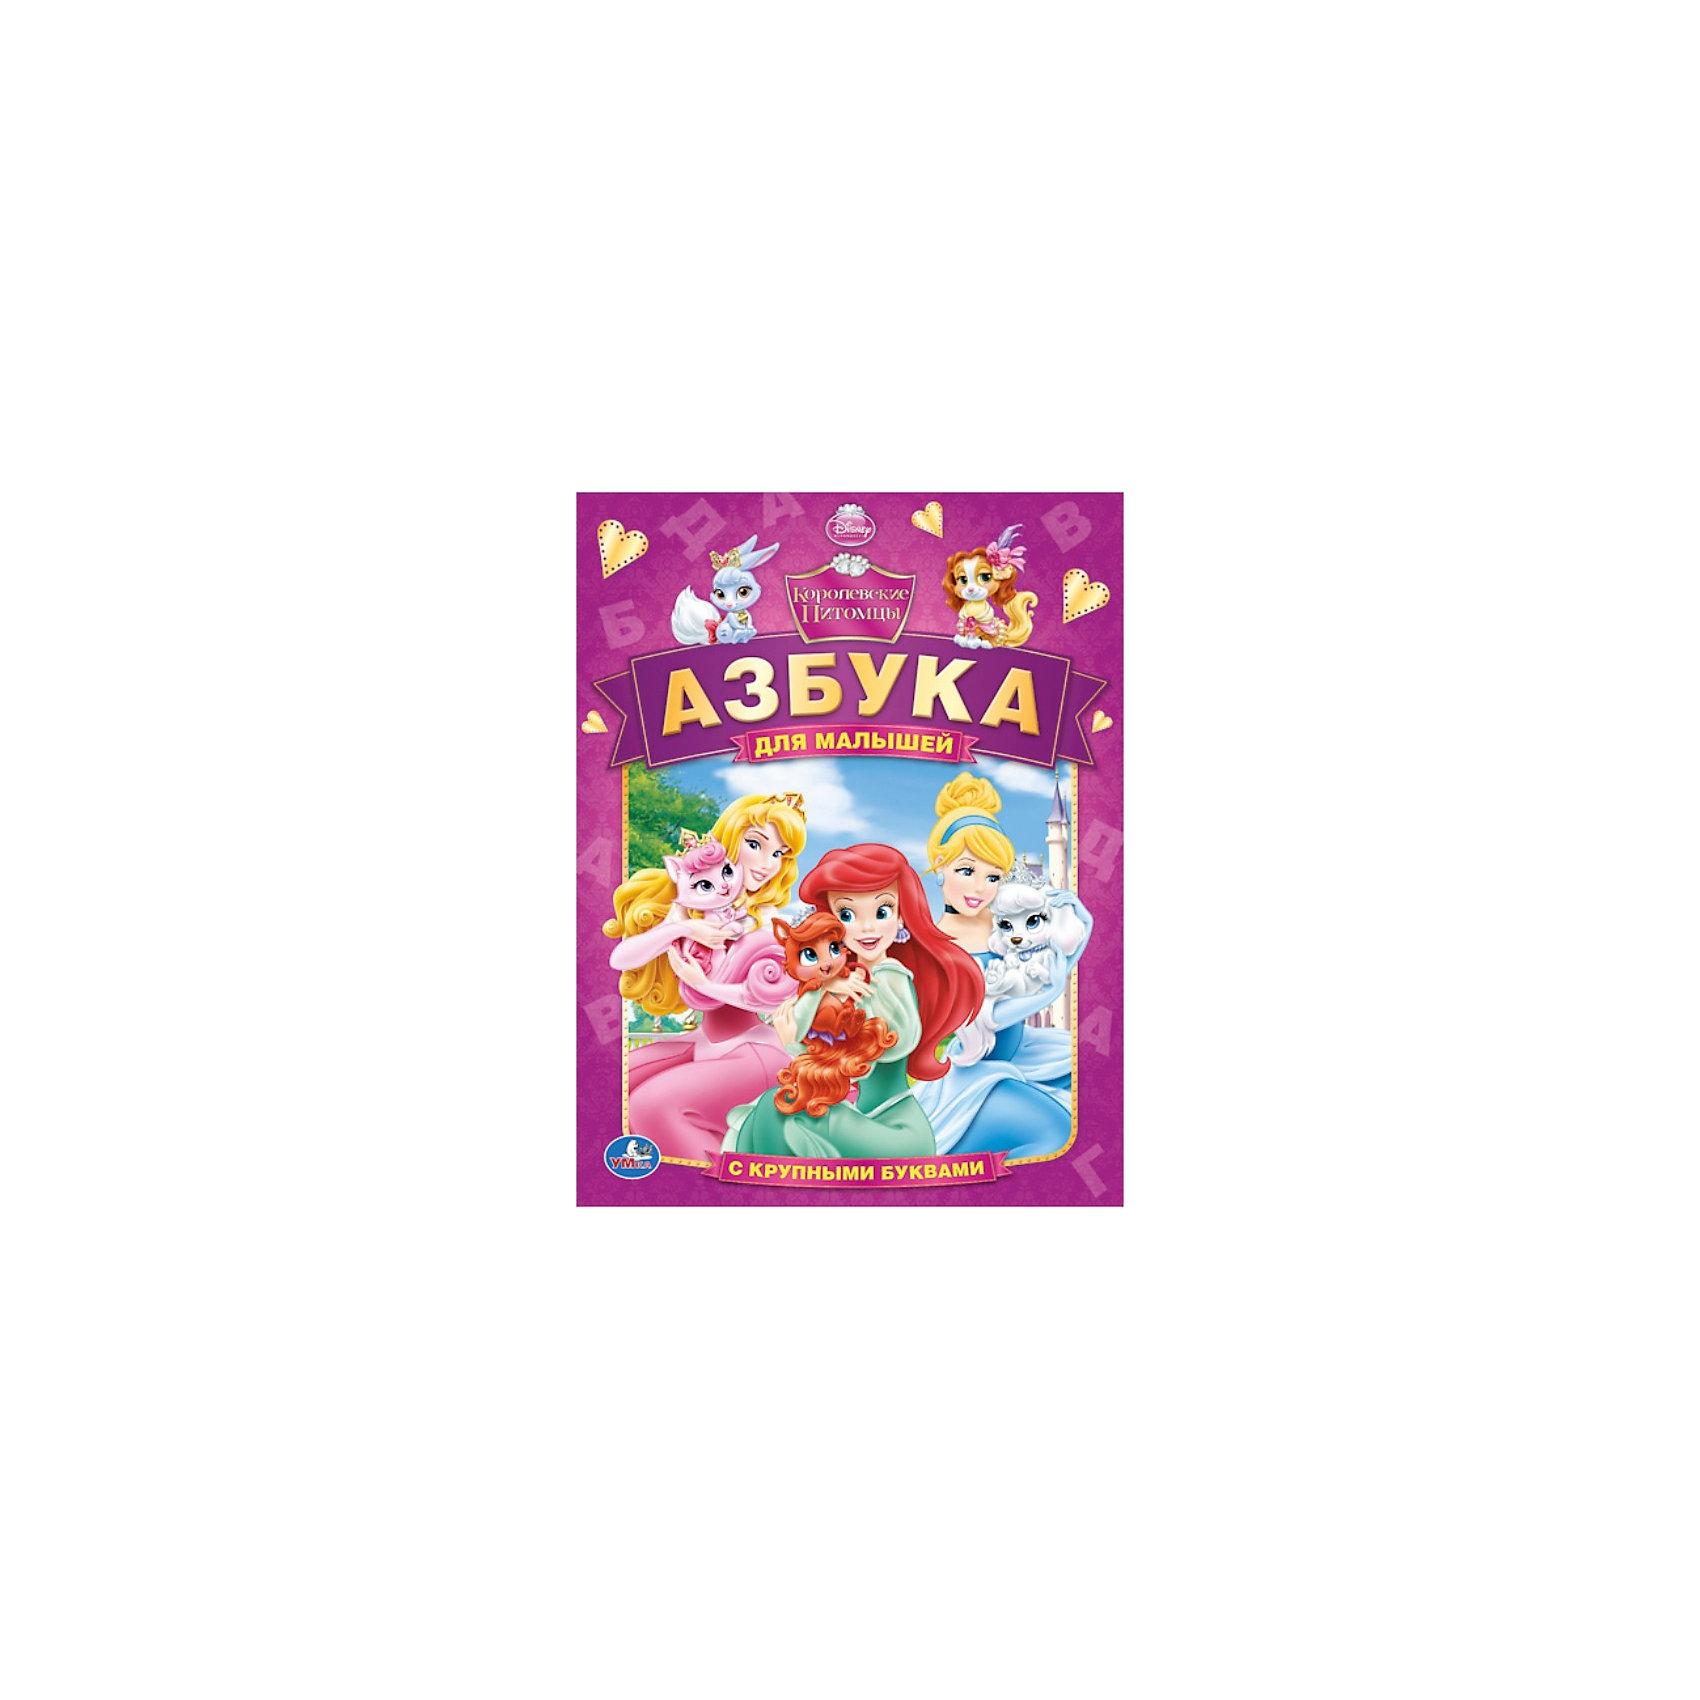 Книга Азбука для малышей, Королевские питомцыАзбука для малышей Королевские питомцы Дисней (Disney), Умка специально разработана ведущими педагогами и логопедами Москвы для первого знакомства малыша с алфавитом. Книга с чудесными иллюстрациями в стиле любимых мультфильмов Дисней (Disney) непременно увлечет кроху. Крупные буквы будет очень легко запоминать. Начните знакомство с миром букв вместе с иллюстрированной азбукой для малышей Королевские питомцы!<br><br>Дополнительное описание:<br><br>- Количество страниц: 30;<br>- Плотные, яркие;<br>- Крупные буквы;<br>- Подойдет даже для самых маленьких читателей;<br>- Издание понравится любителям мультфильмов Диснея (Disney);<br>- Размер: 20 х 26 см;<br>- Вес: 610 г<br><br>Азбуку для малышей Королевские питомцы Дисней, Умка, можно купить в нашем интернет-магазине.<br><br>Ширина мм: 200<br>Глубина мм: 260<br>Высота мм: 20<br>Вес г: 610<br>Возраст от месяцев: 12<br>Возраст до месяцев: 84<br>Пол: Женский<br>Возраст: Детский<br>SKU: 3915818